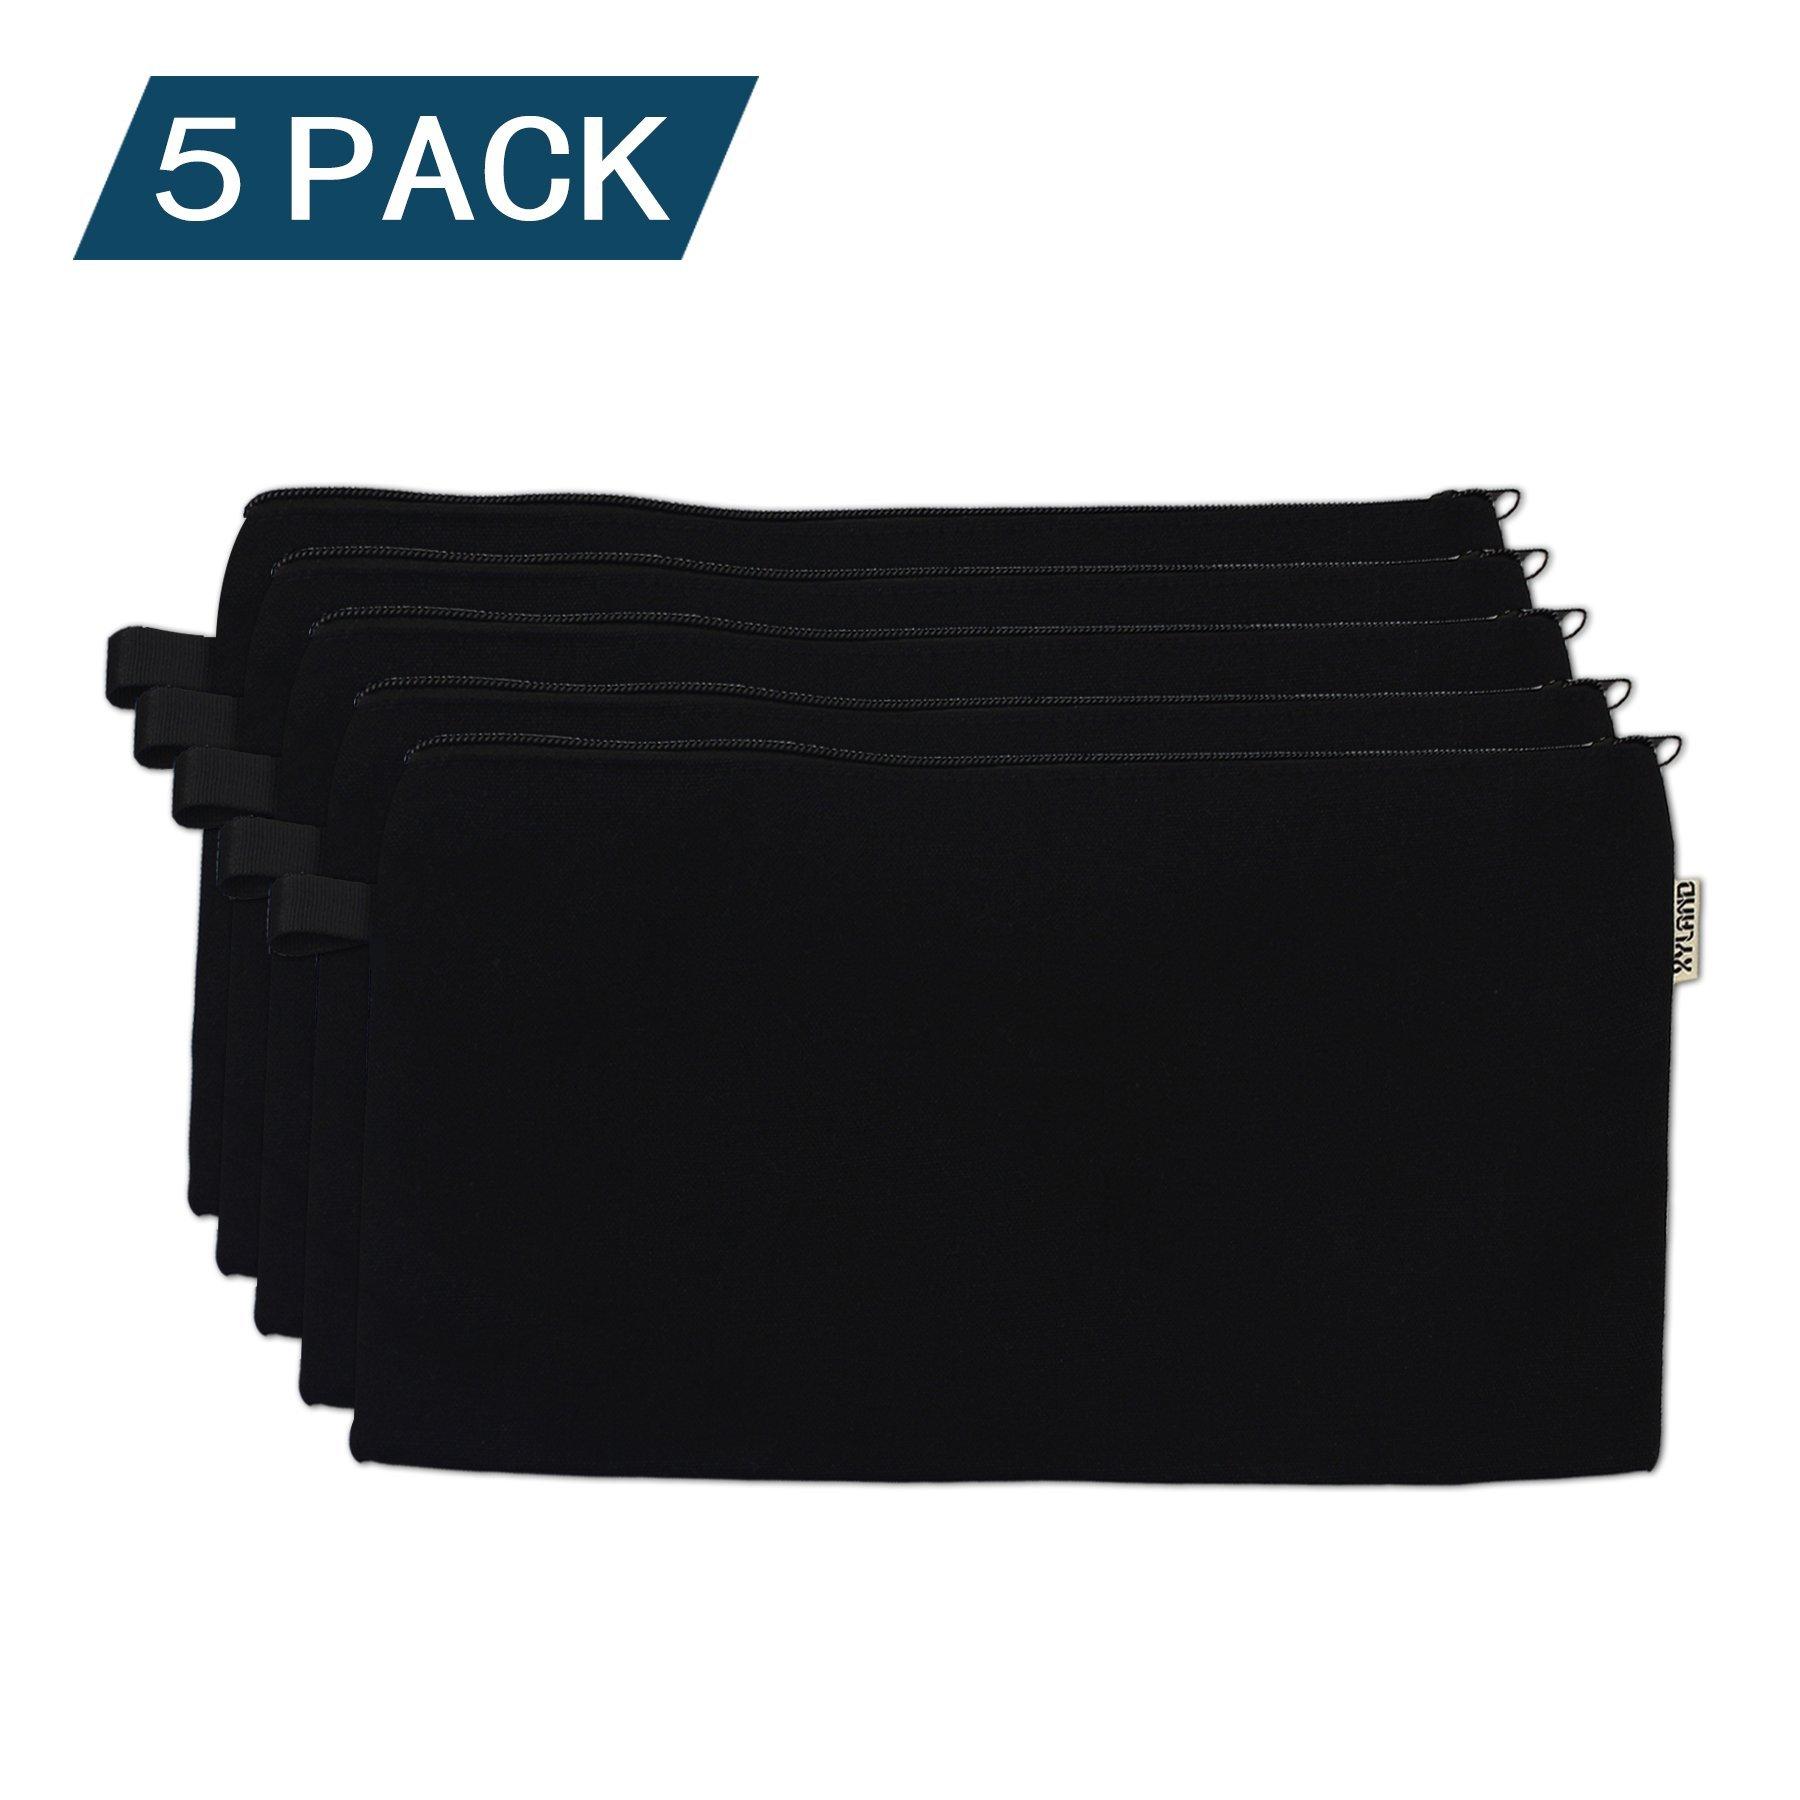 XYLand 100% Cotton Canvas Zipper Makeup Pouch, Coin Purse, Cellphone Purse, Pen/Pencil Case(5Pack Big Black)